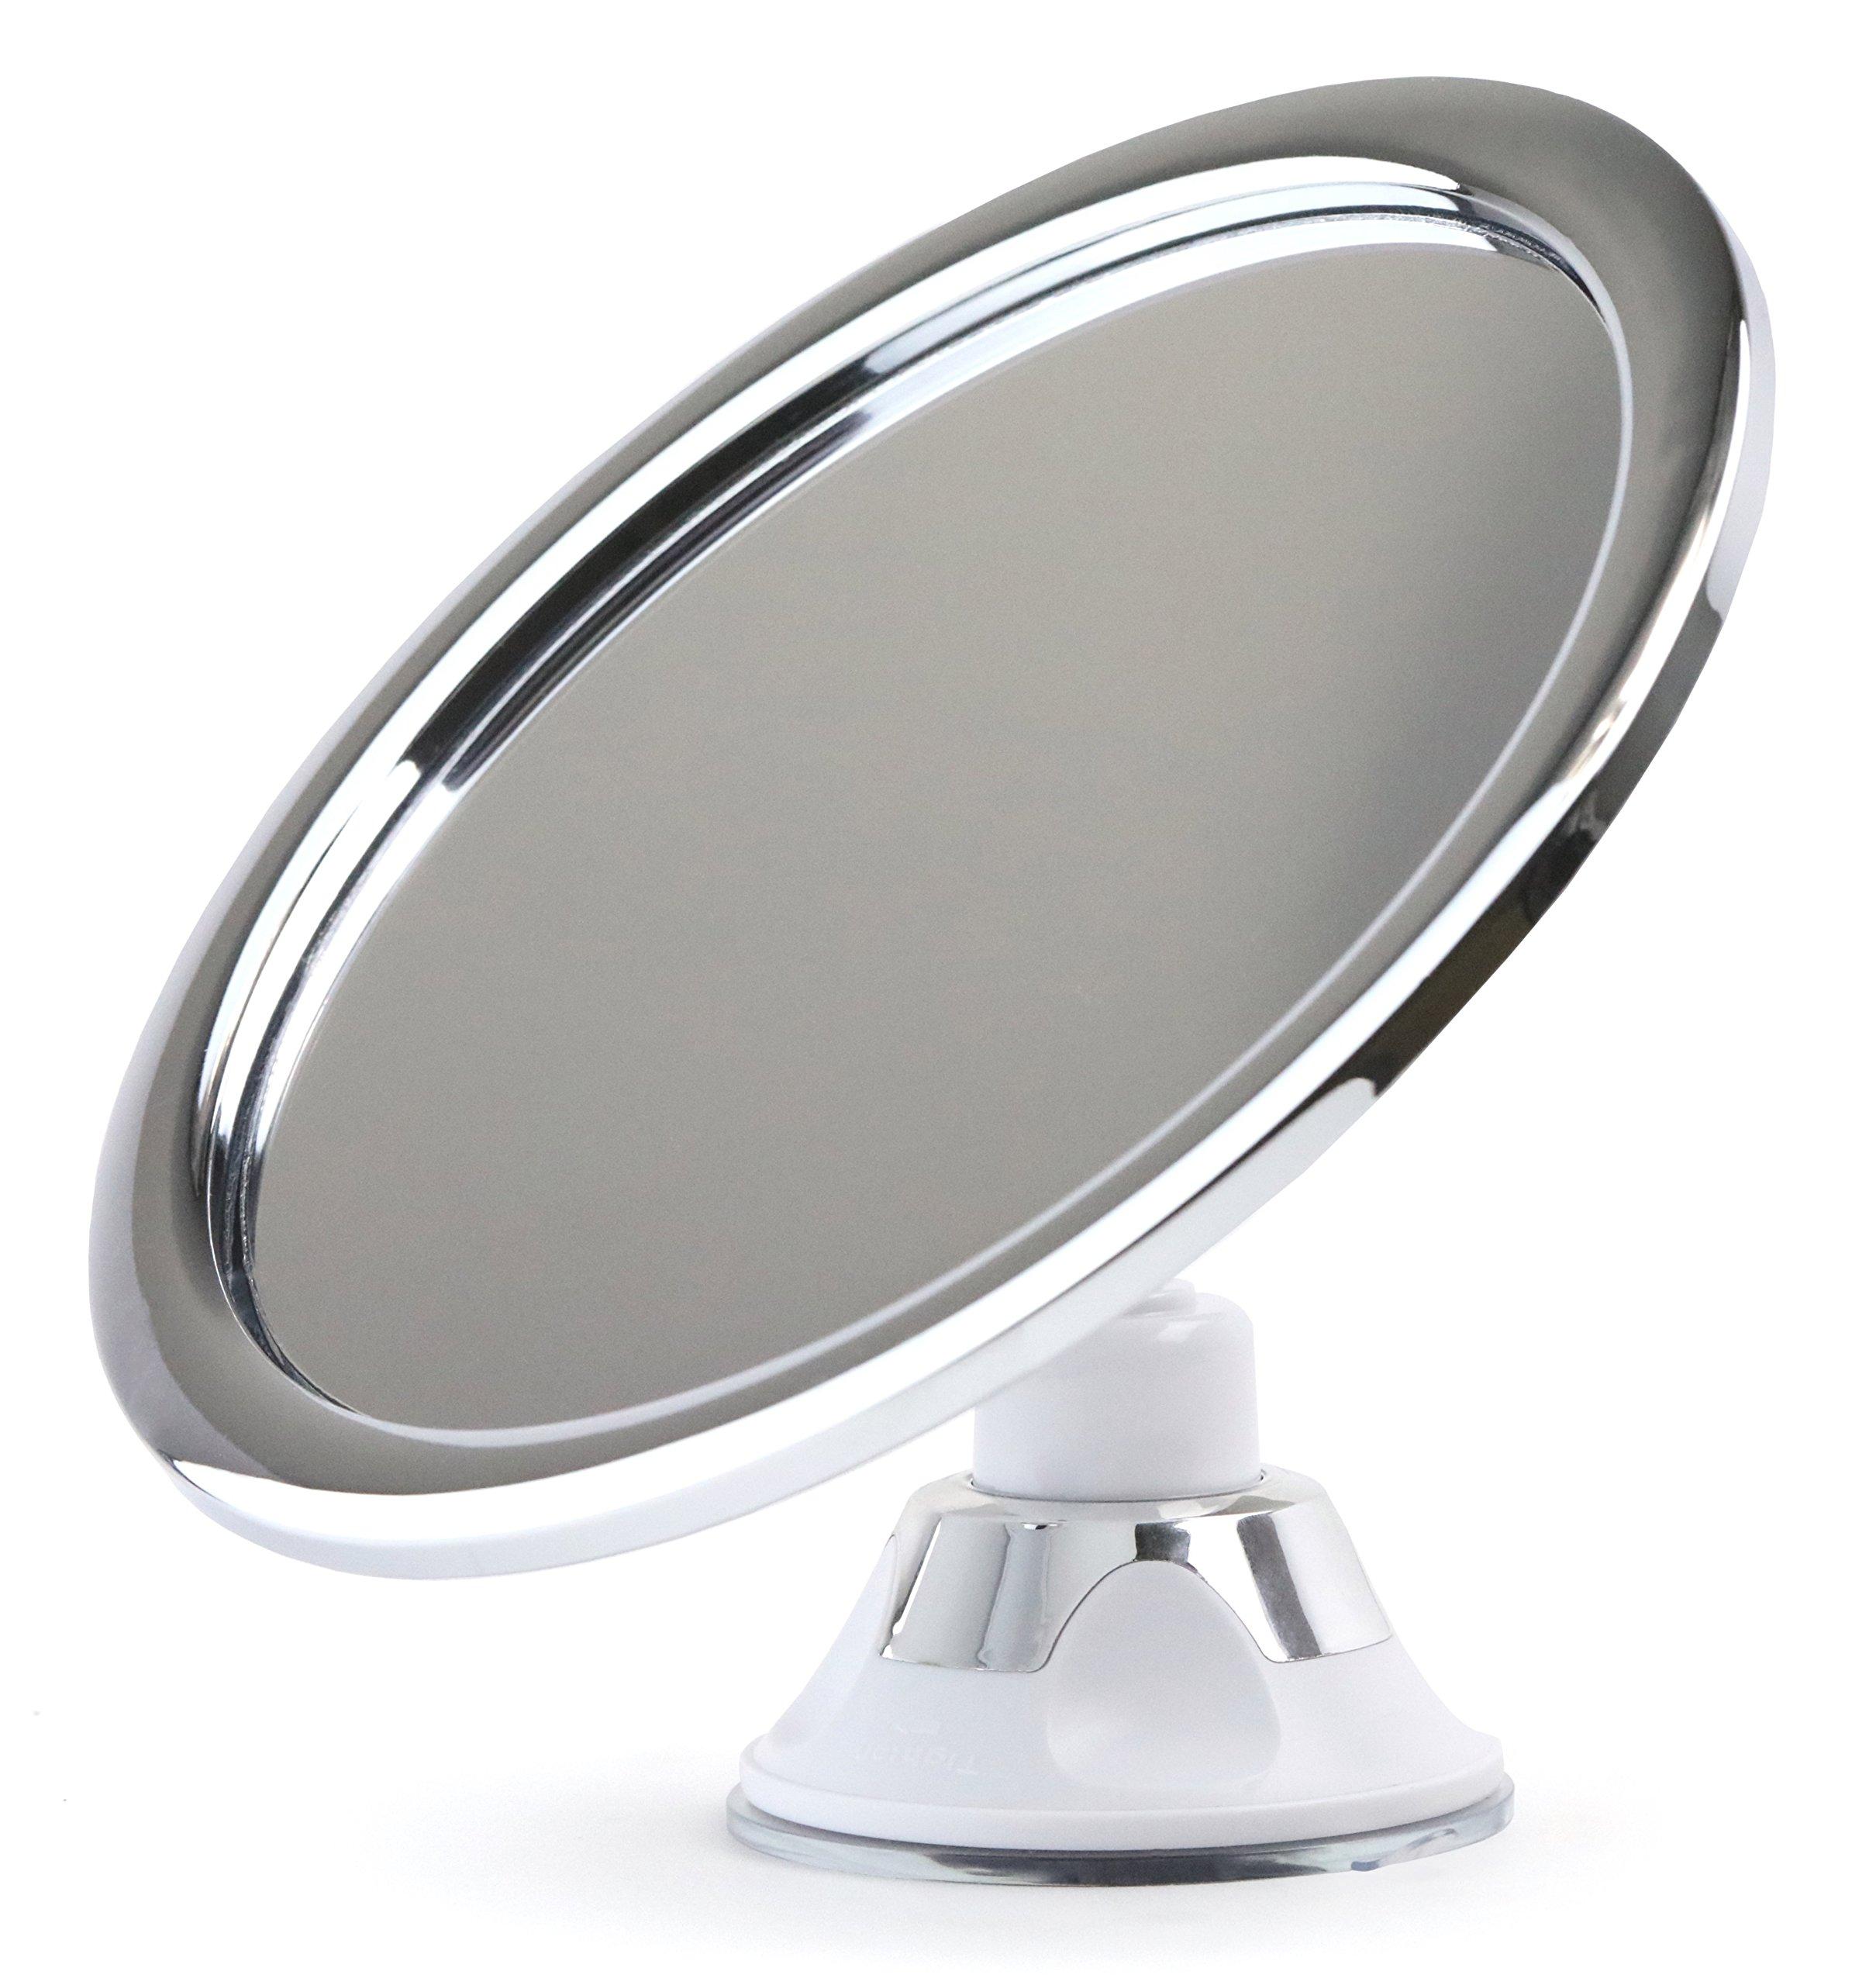 Fogless Shower Mirror For Shaving